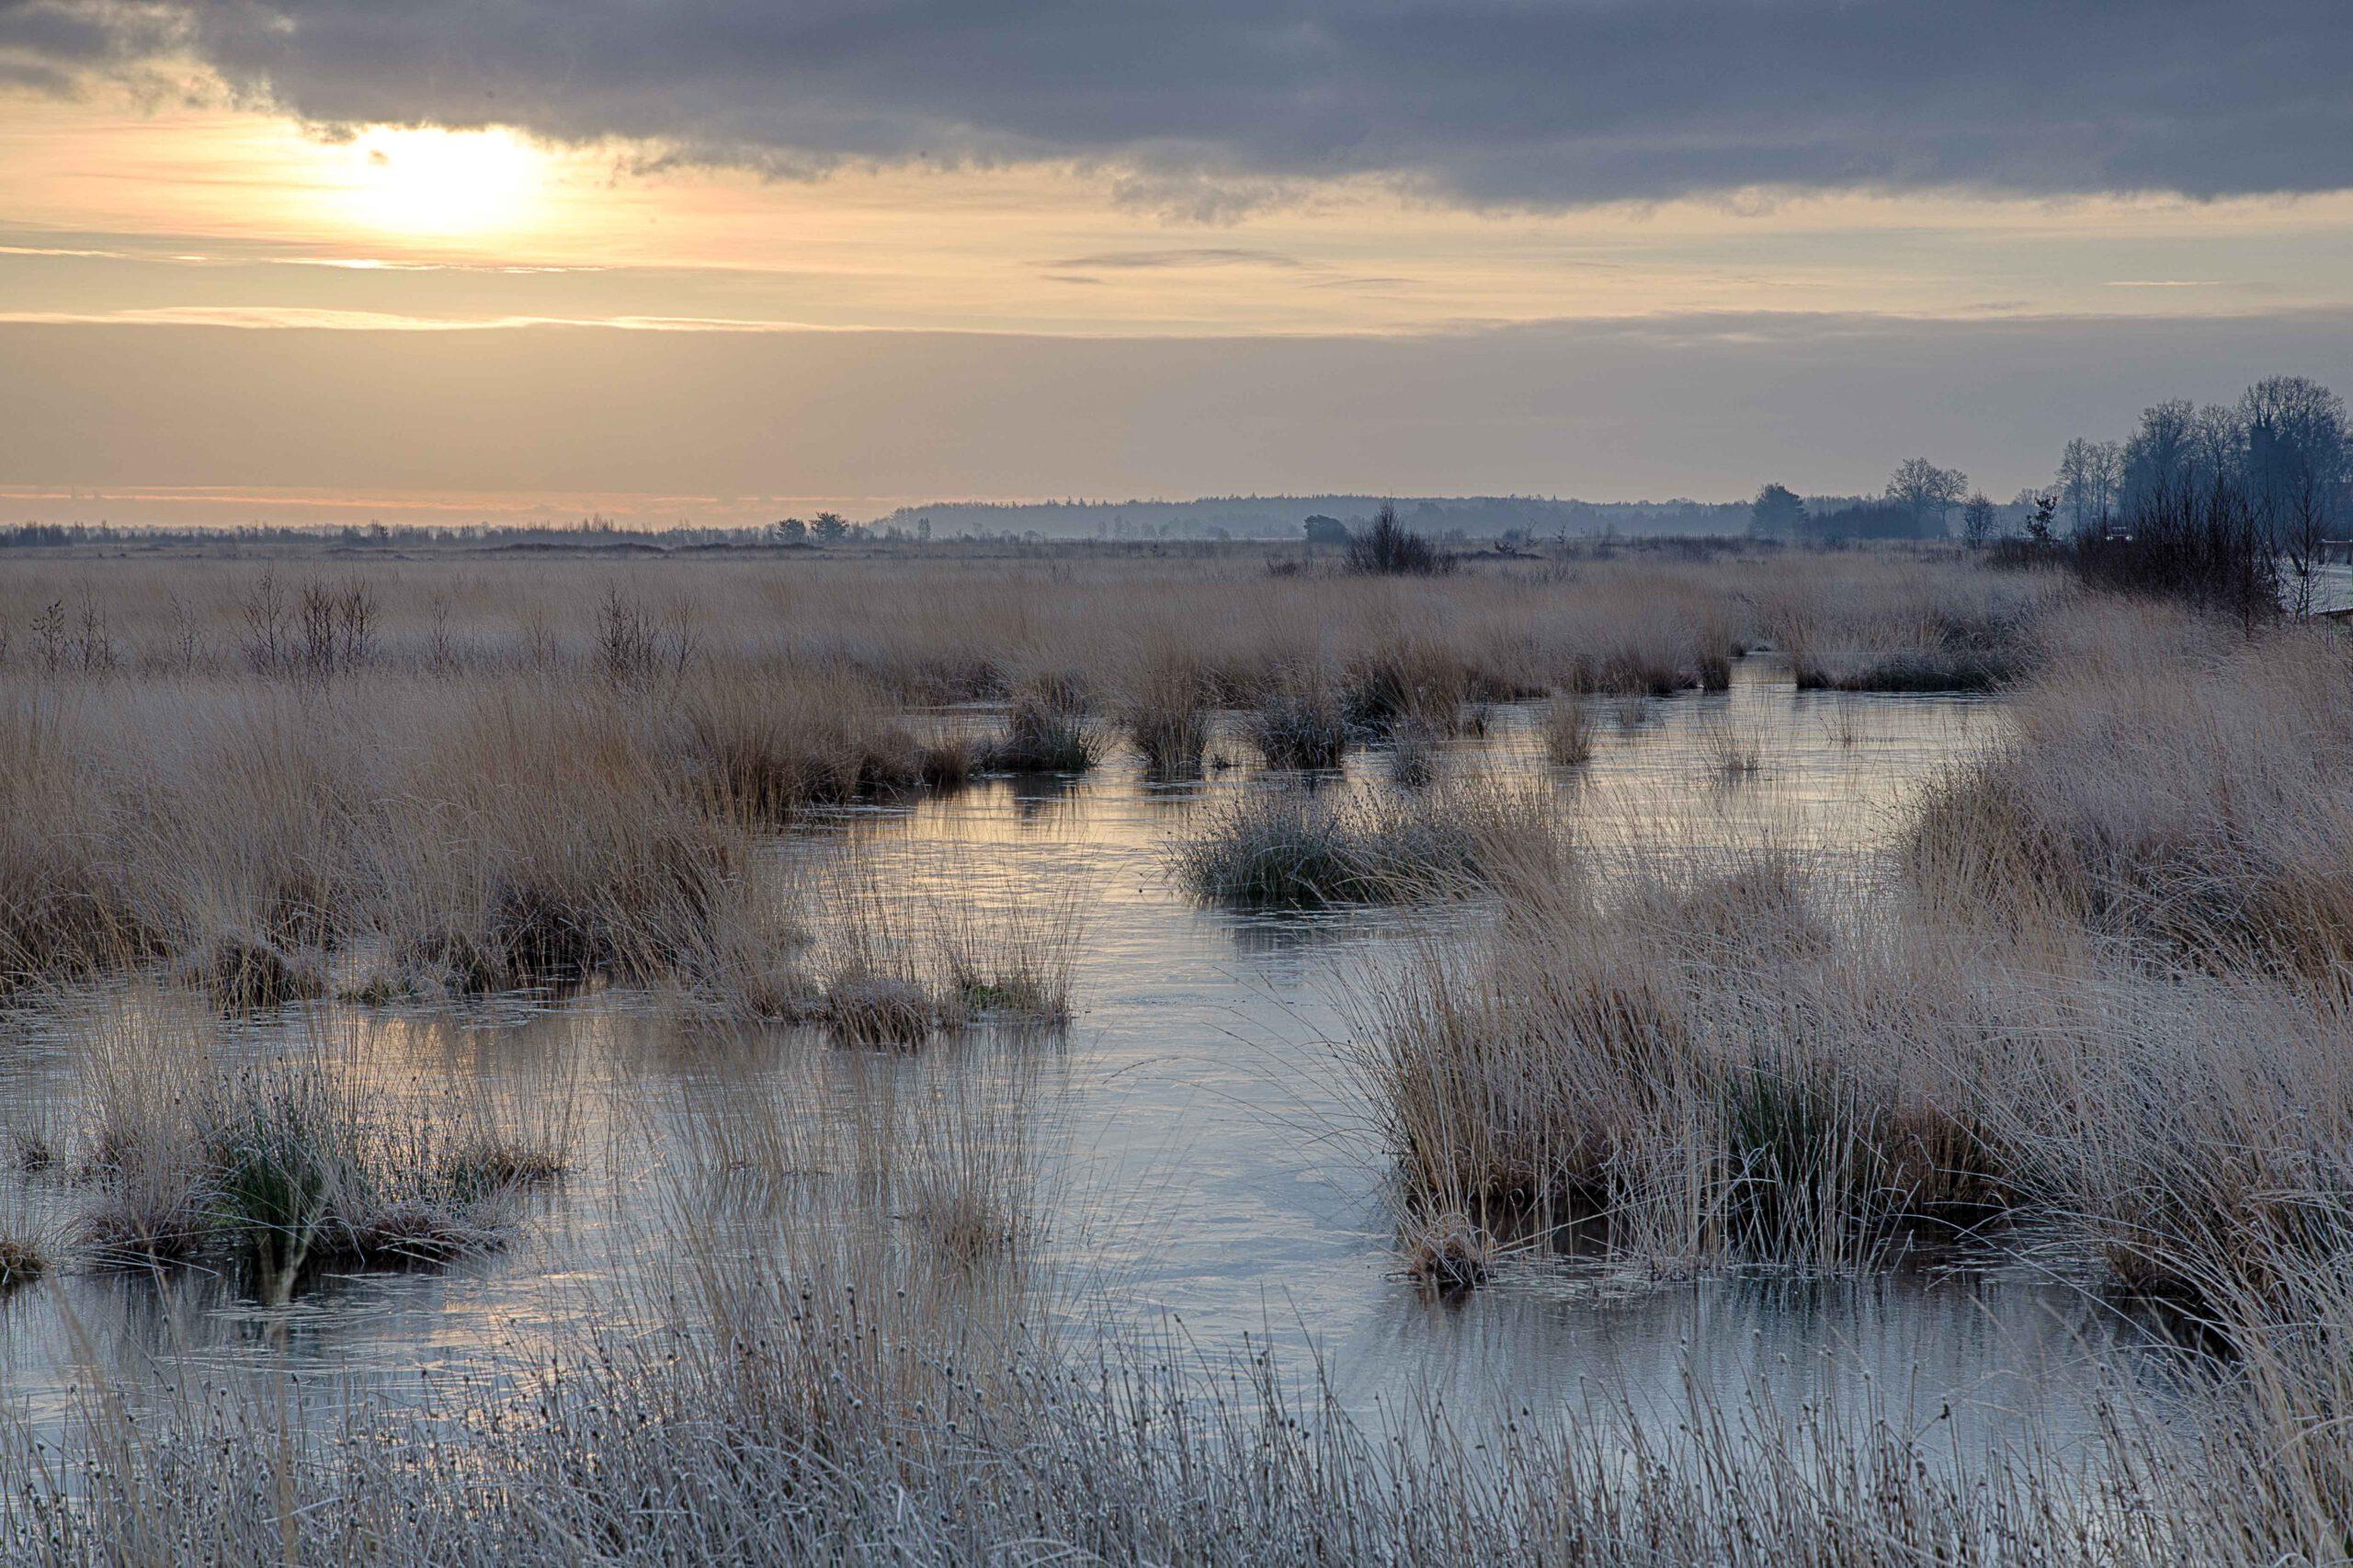 Winterlandschappen - fochteloerveen-05-202101-kopie